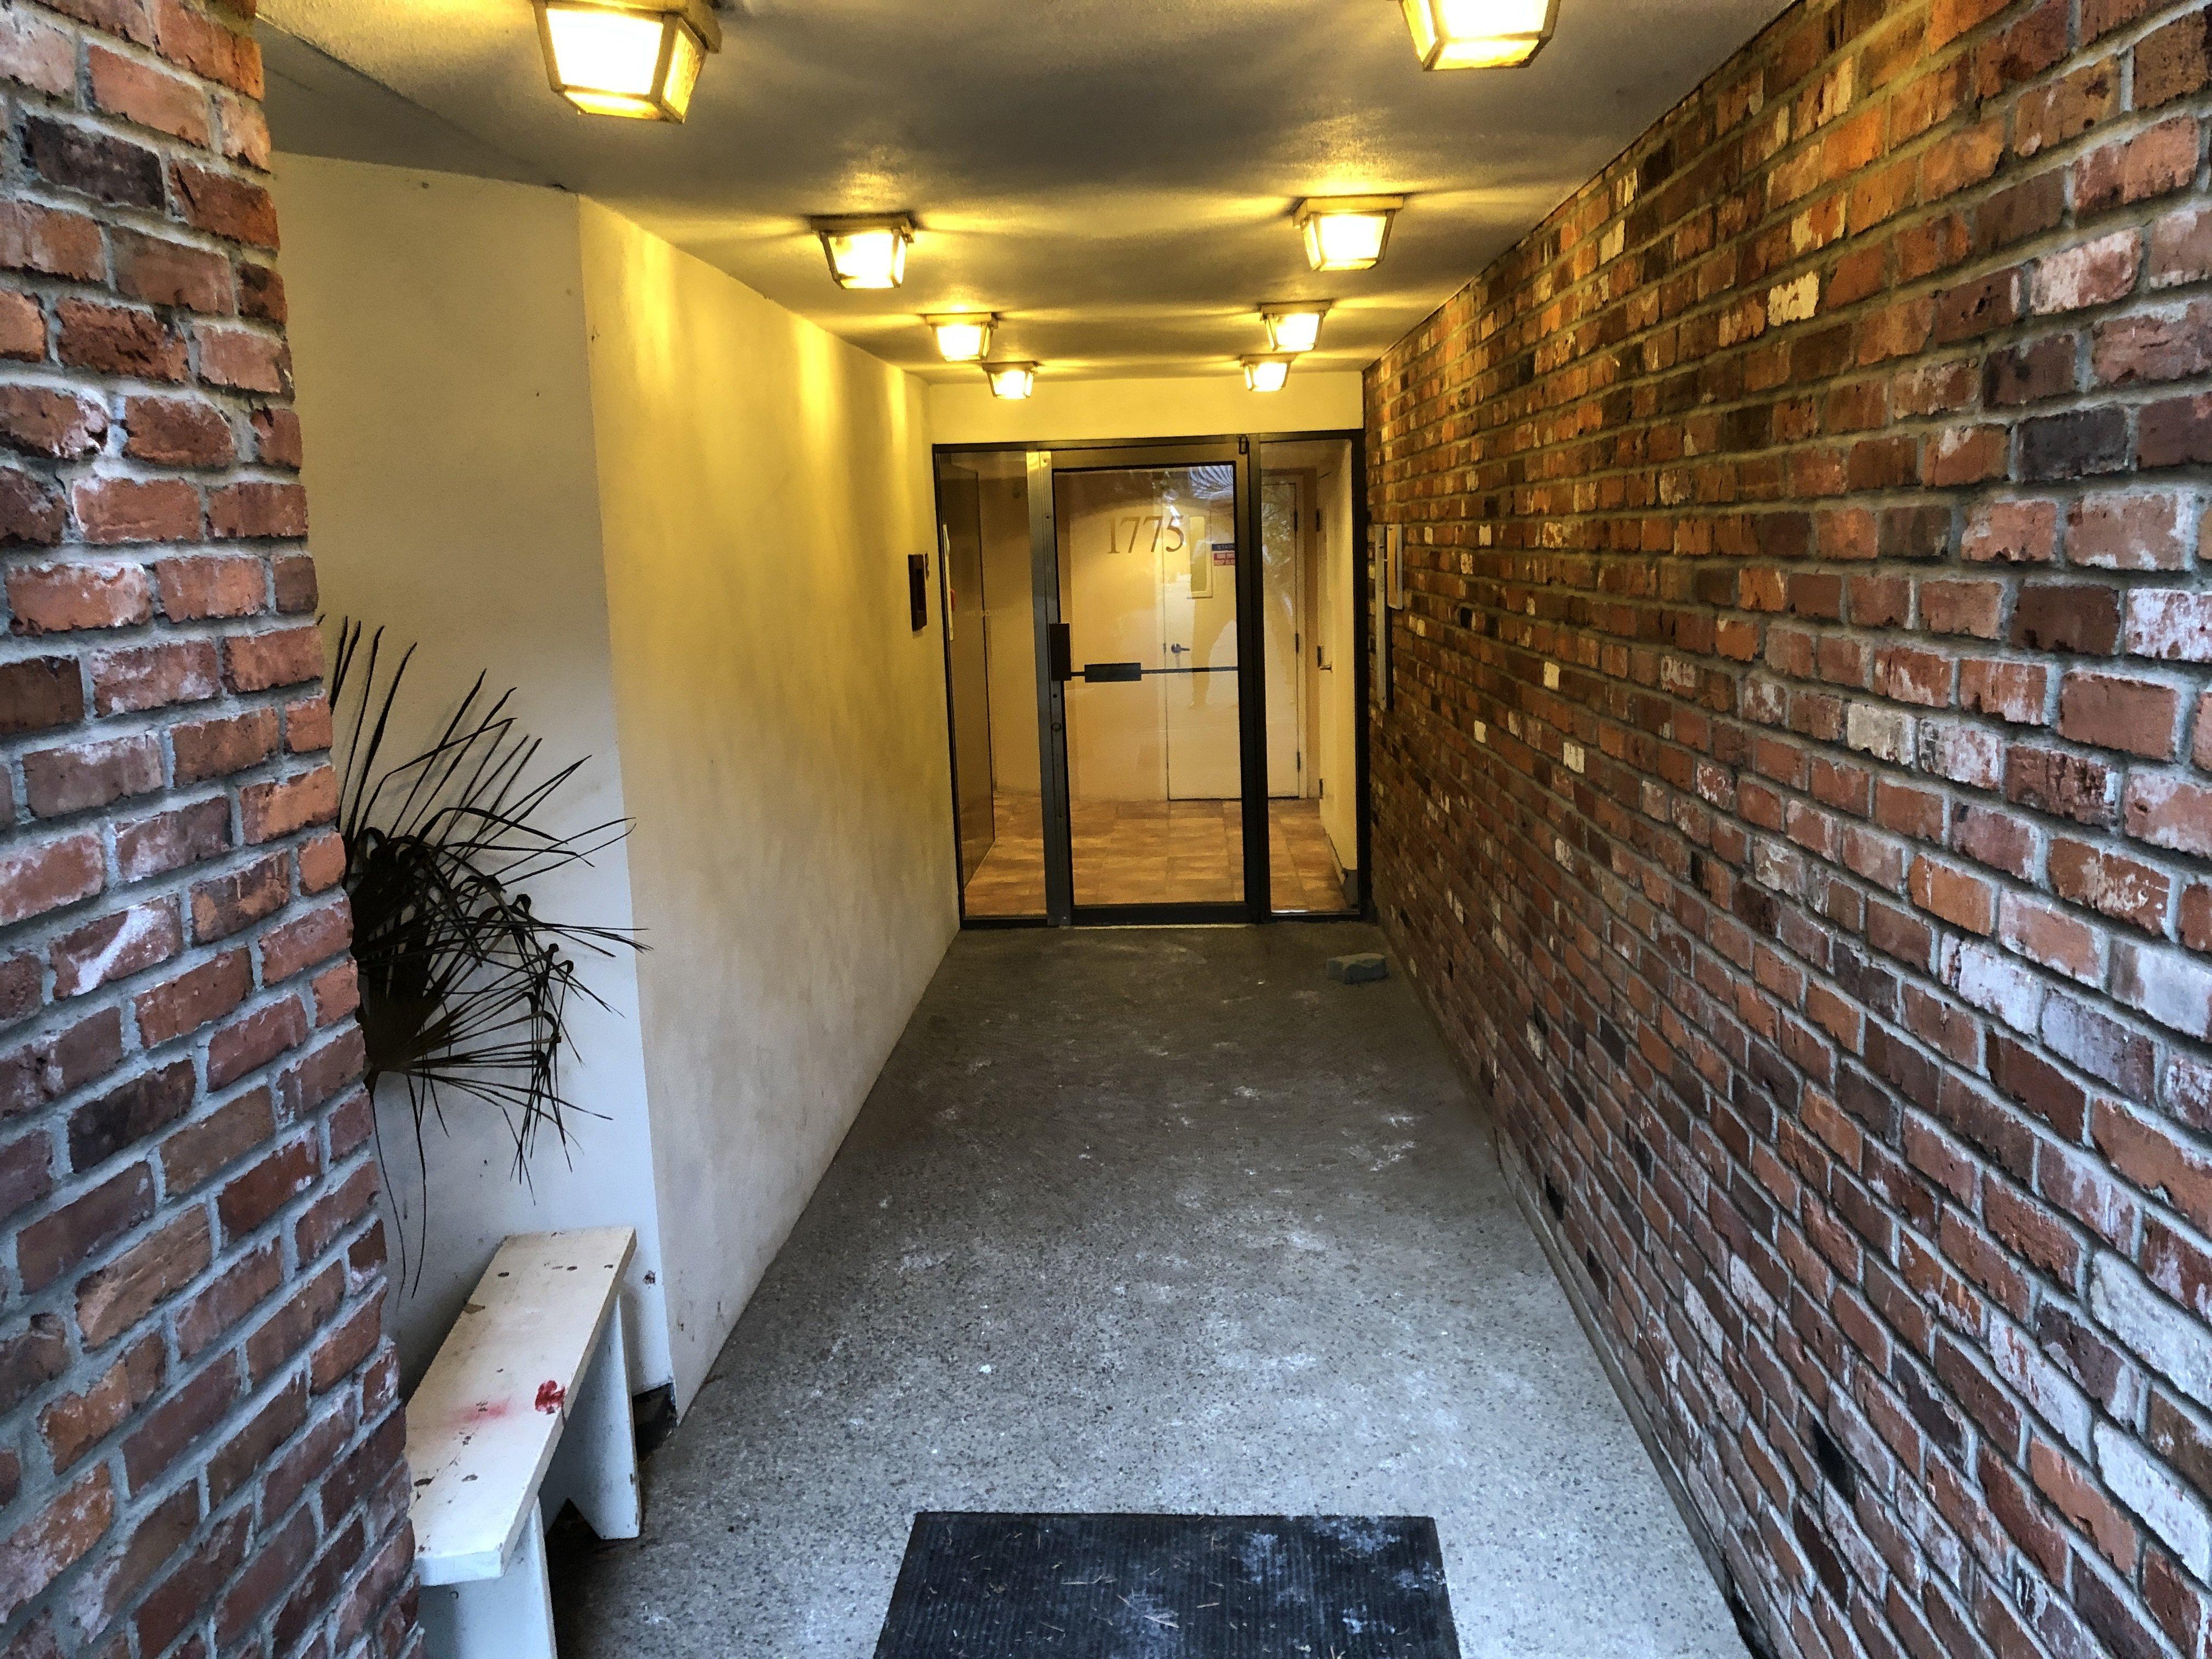 1775 W 10th  Entrance!